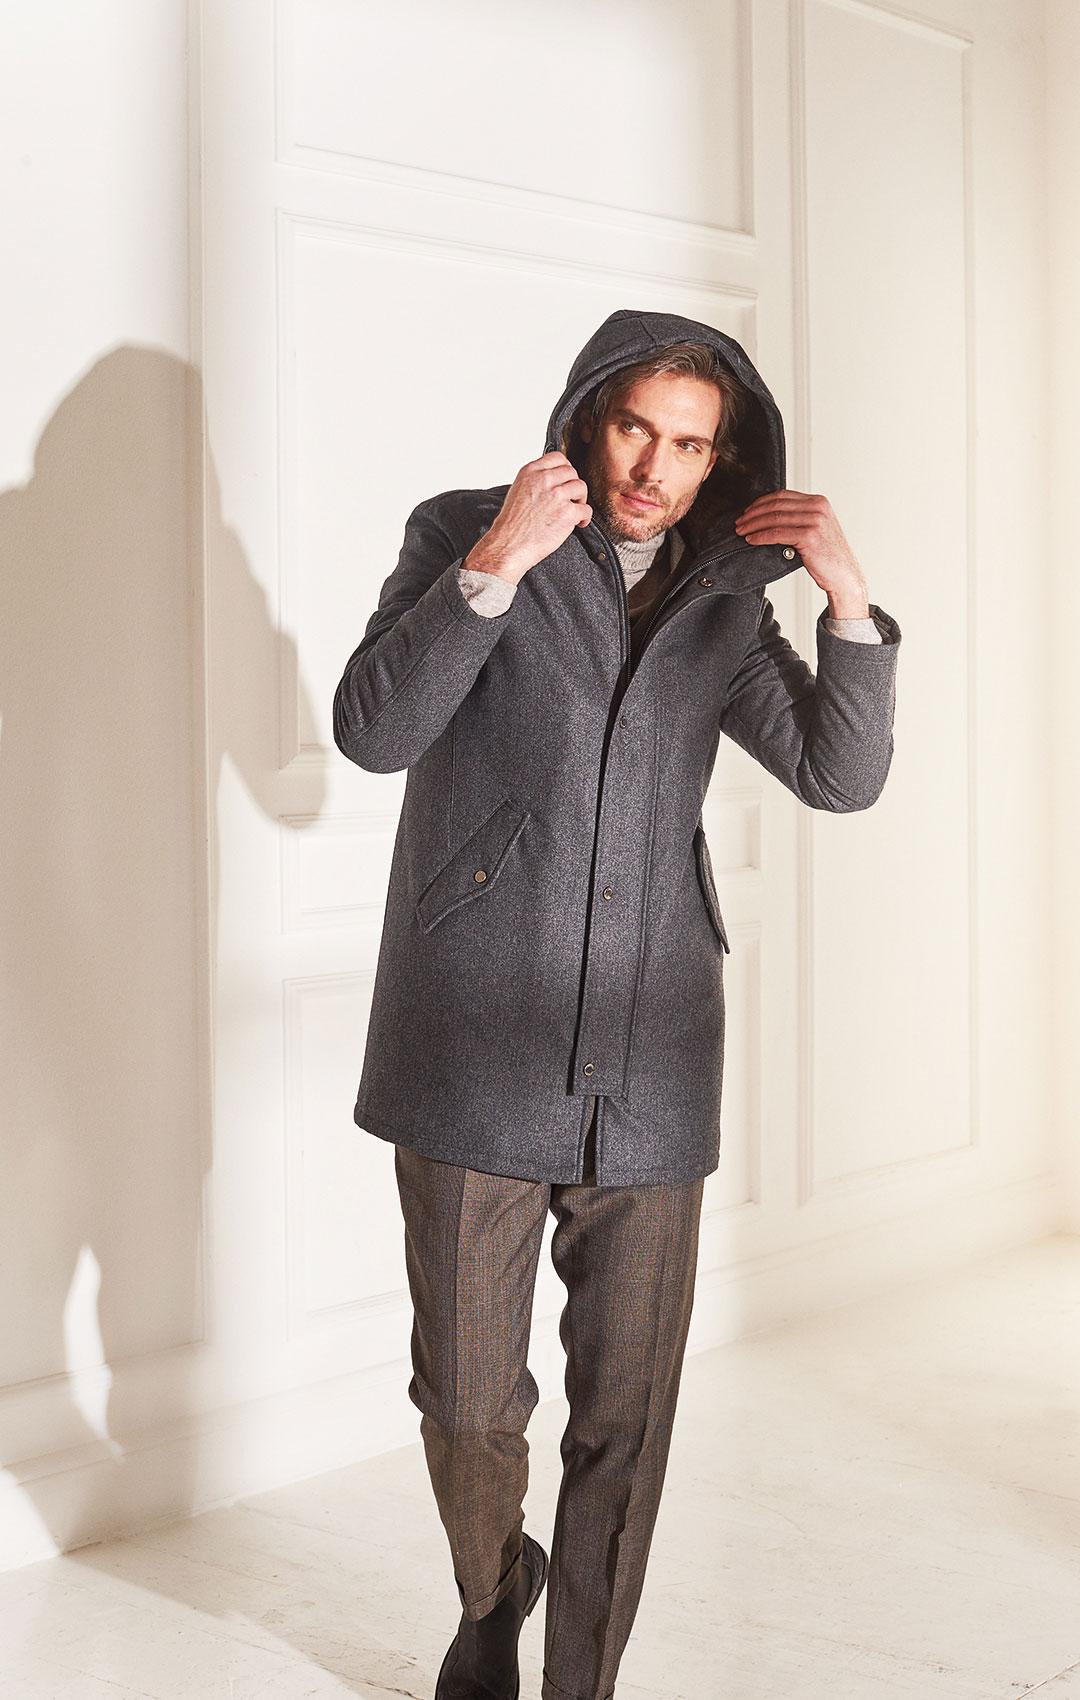 lenoci luxury - parka in flanella di pura lana Vitale Barberis imbottito con eco piuma è interno cappuccio in pelliccia di castorino e dettagli in pelle di cervo